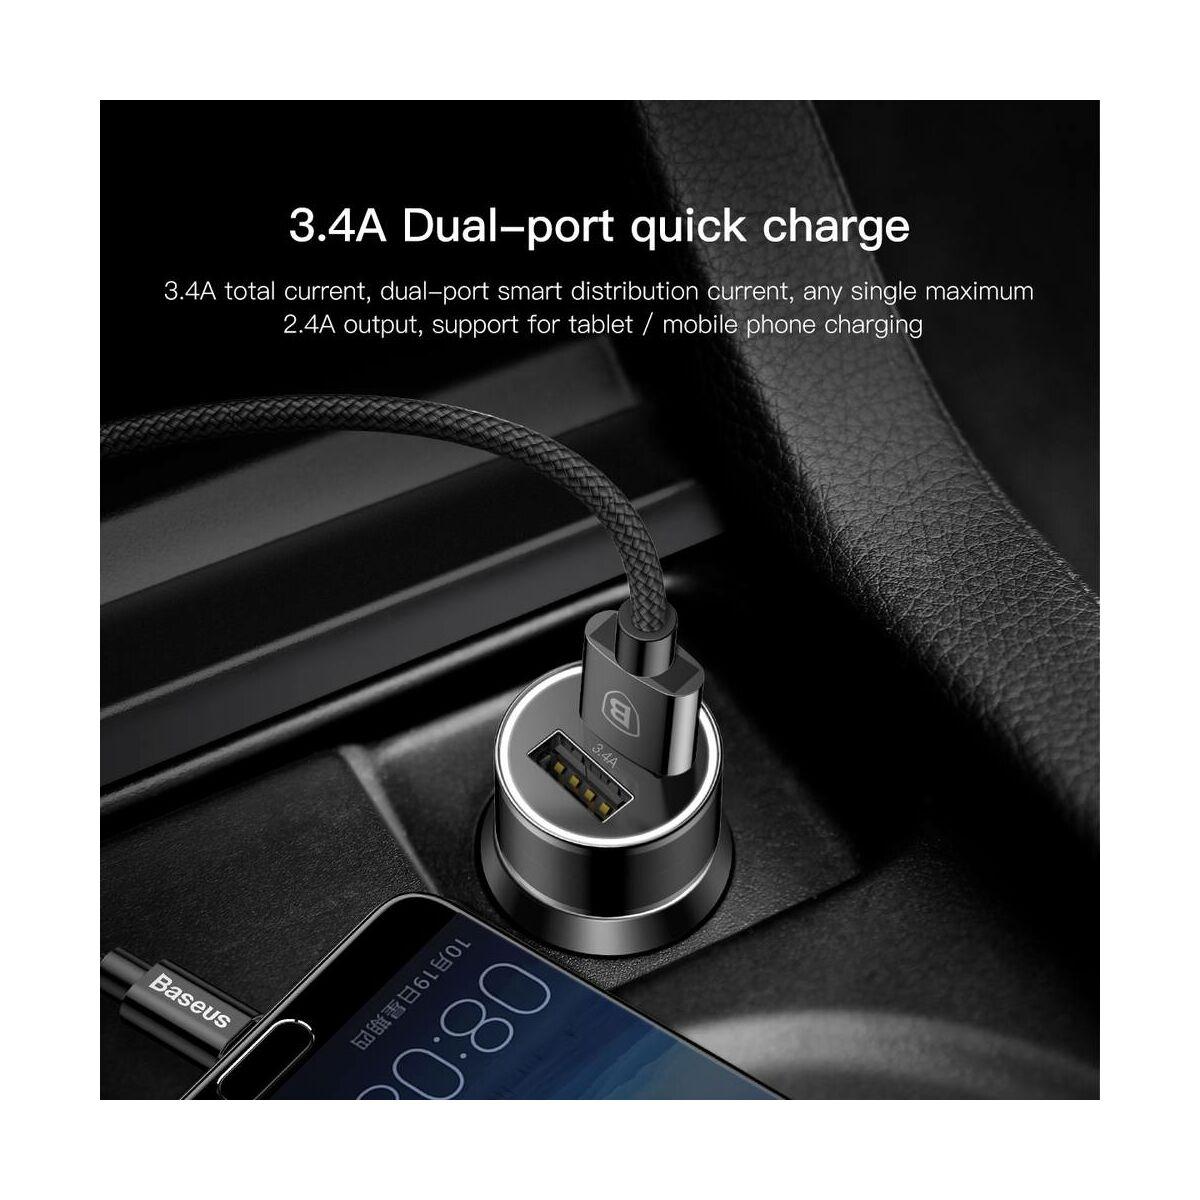 Baseus autós töltő, Small Screw Dupla USB Type-C kábel, (2A, 1m) a csomagban, max 3.4A, fekete (TZXLD-B01)